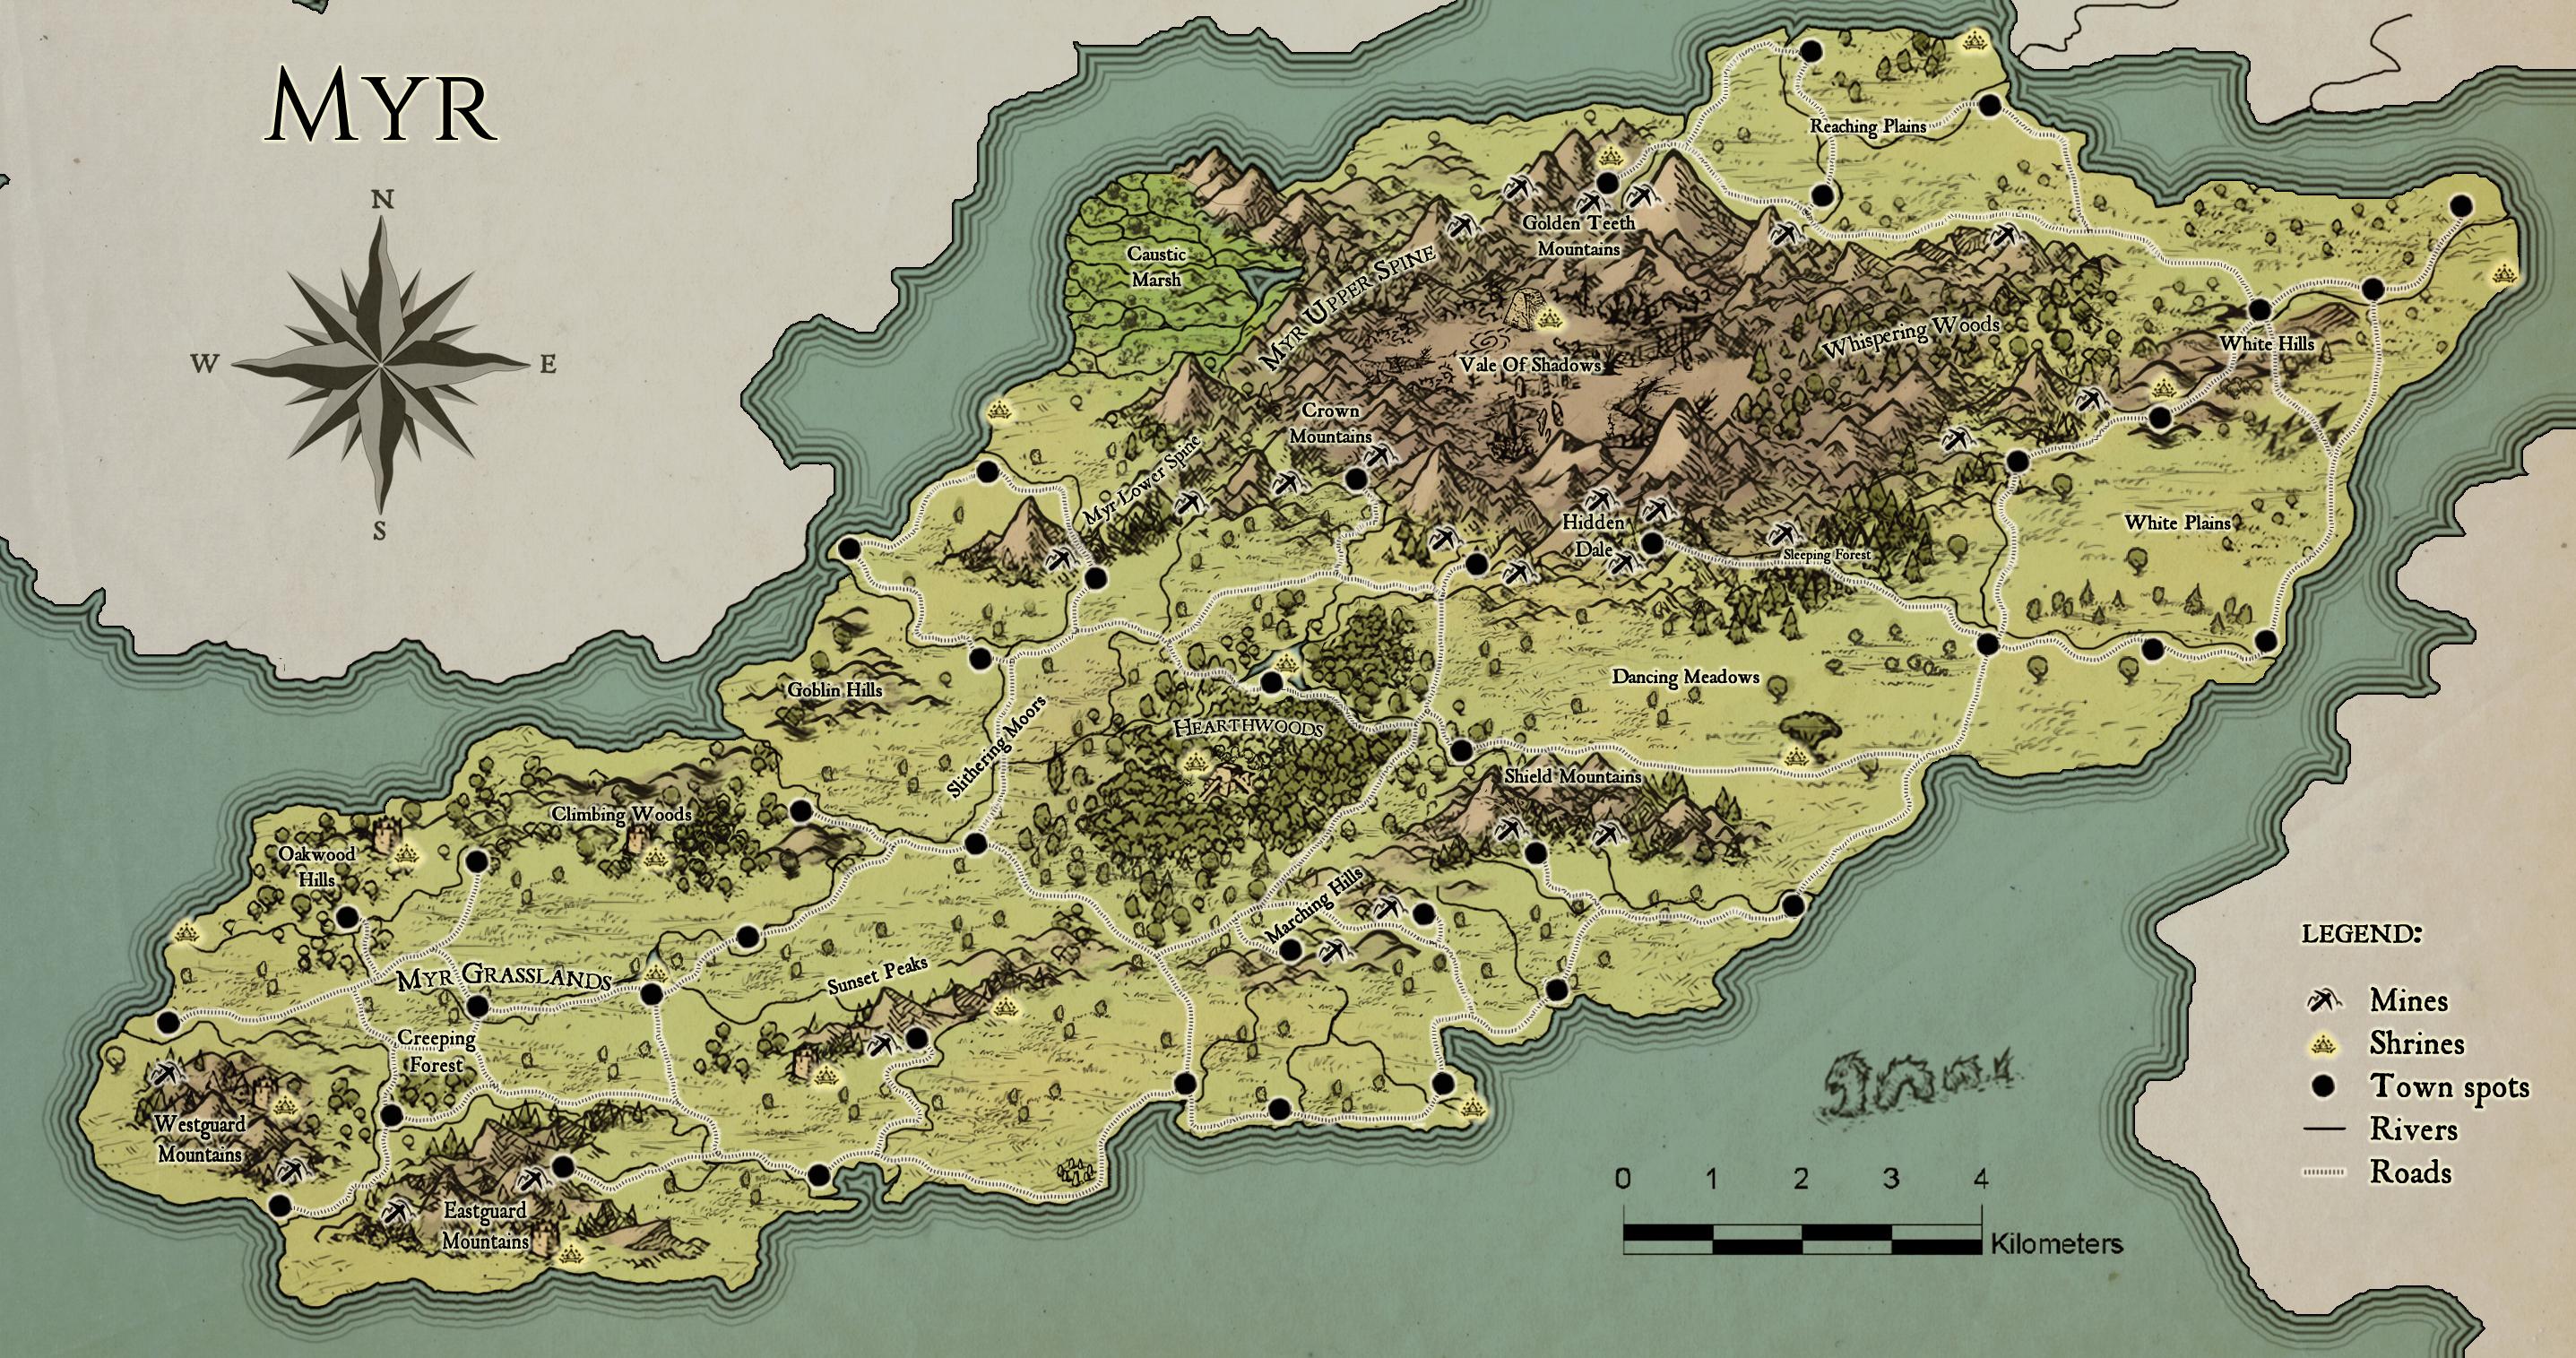 Syndesia: Myr (Alpha 1 Map)